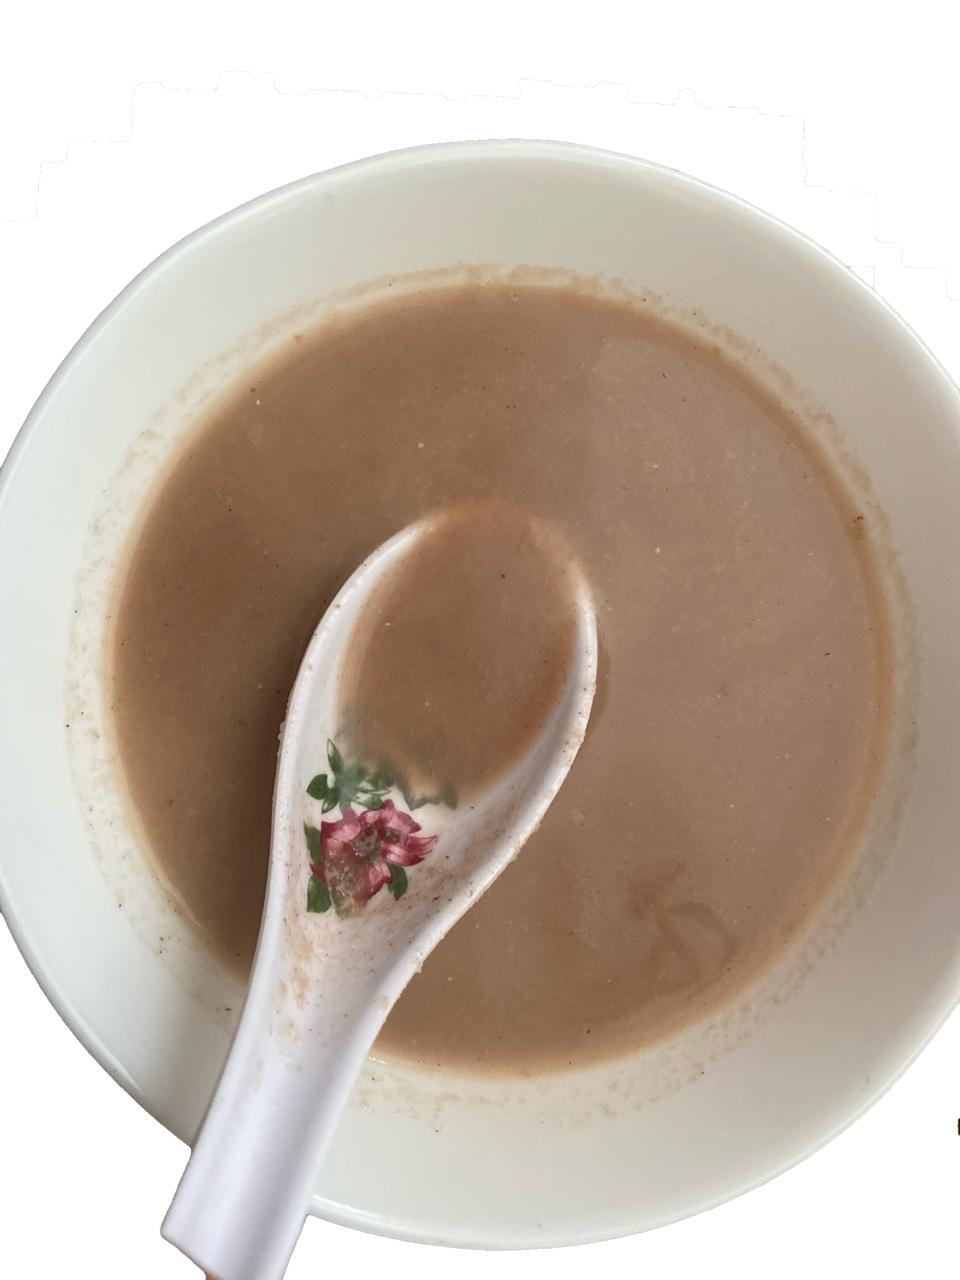 Heenati rice Kanda